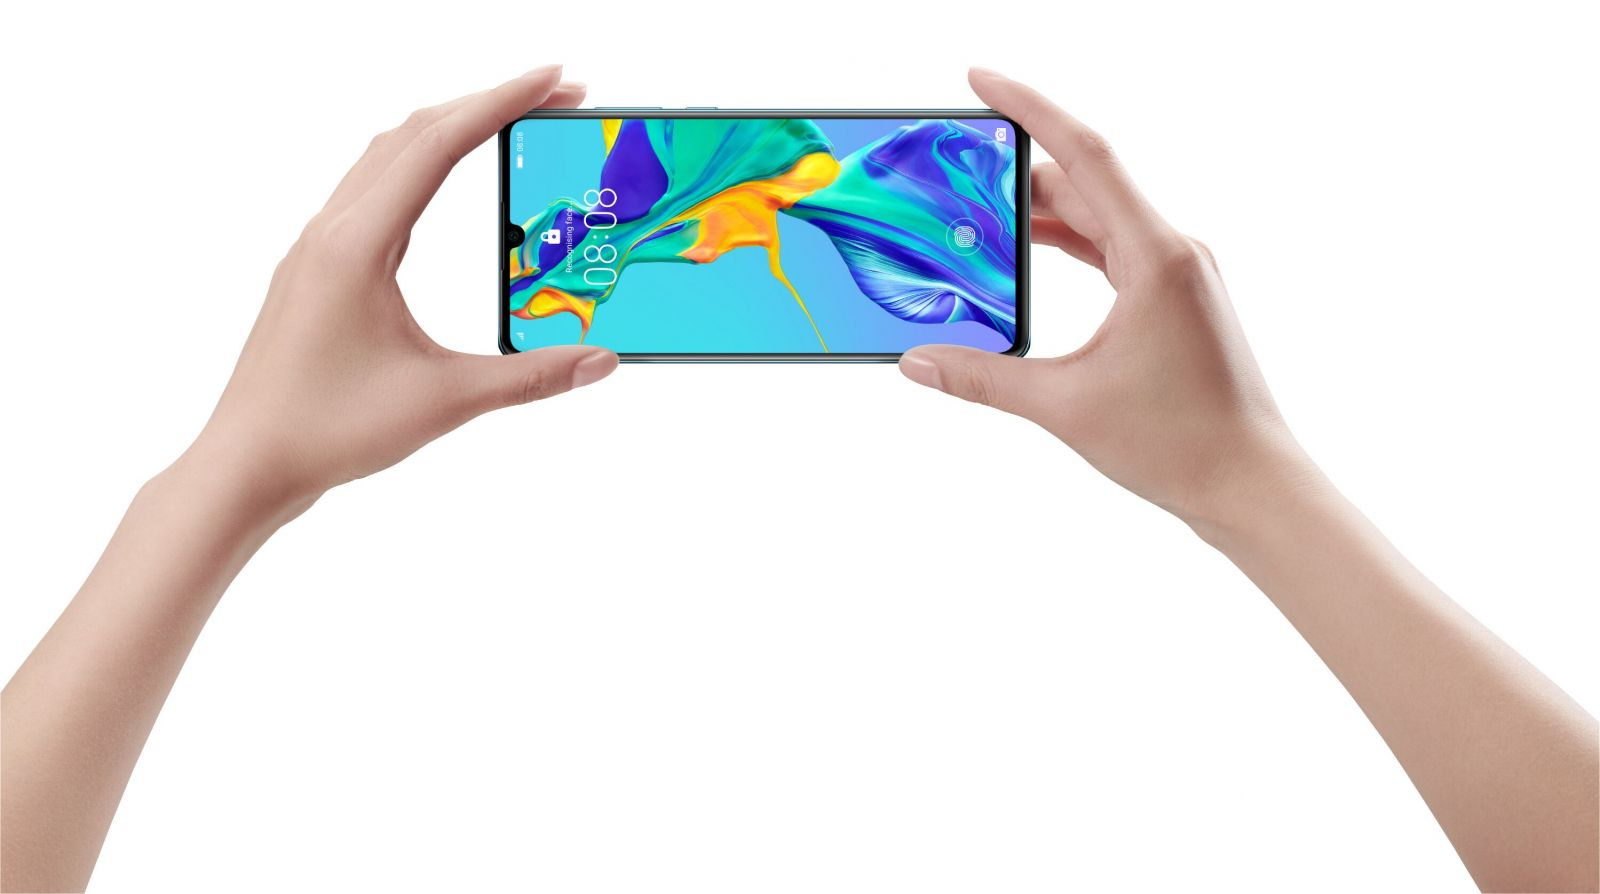 Huawei predstavil technológiu, ktorá dokáže odhaliť problémy so zrakom u detí vďaka umelej inteligencii